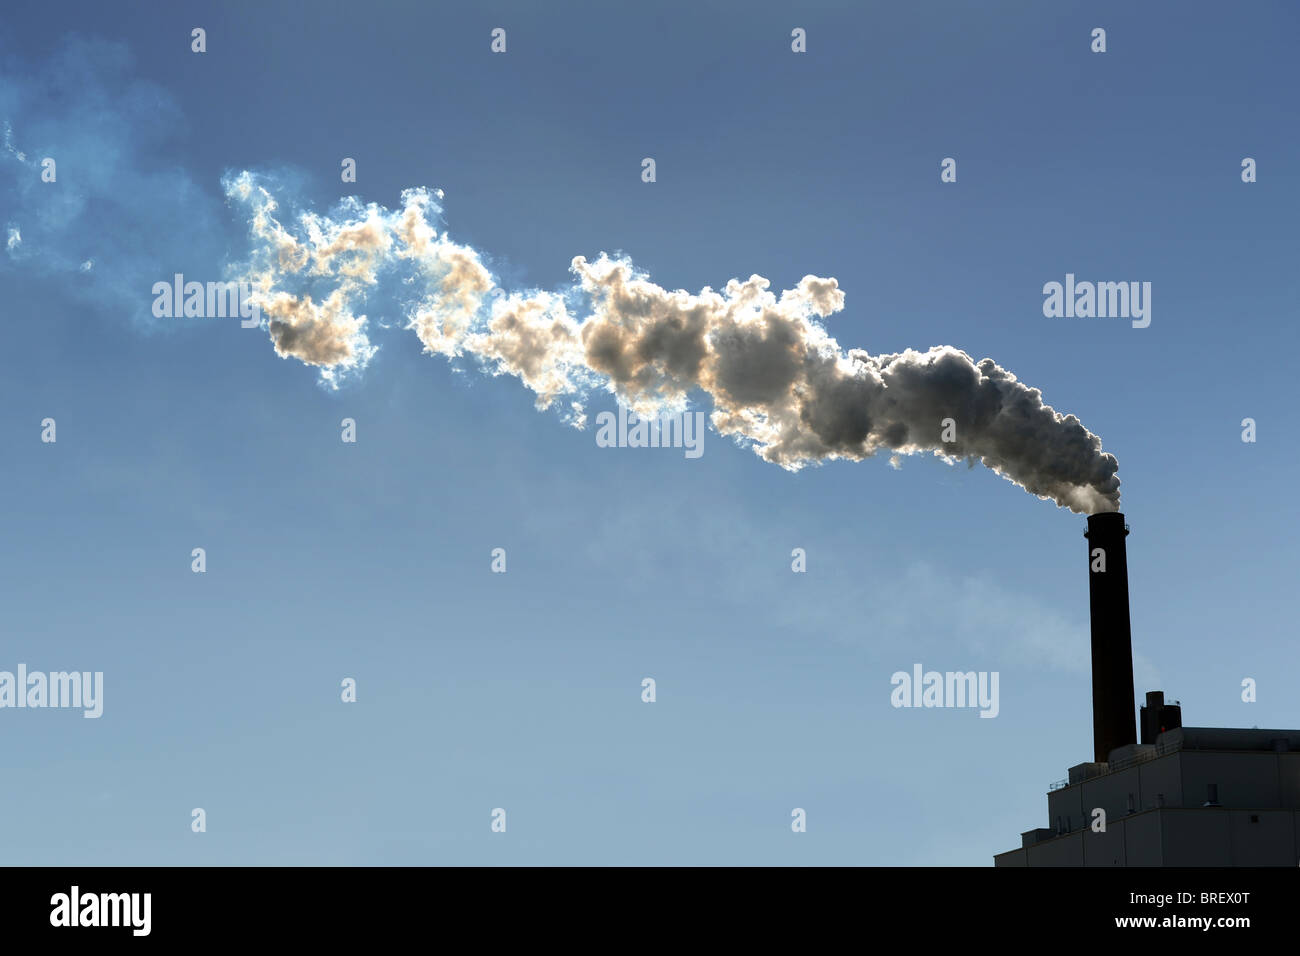 Schornstein Rauchschwaden in die Atmosphäre Stockbild